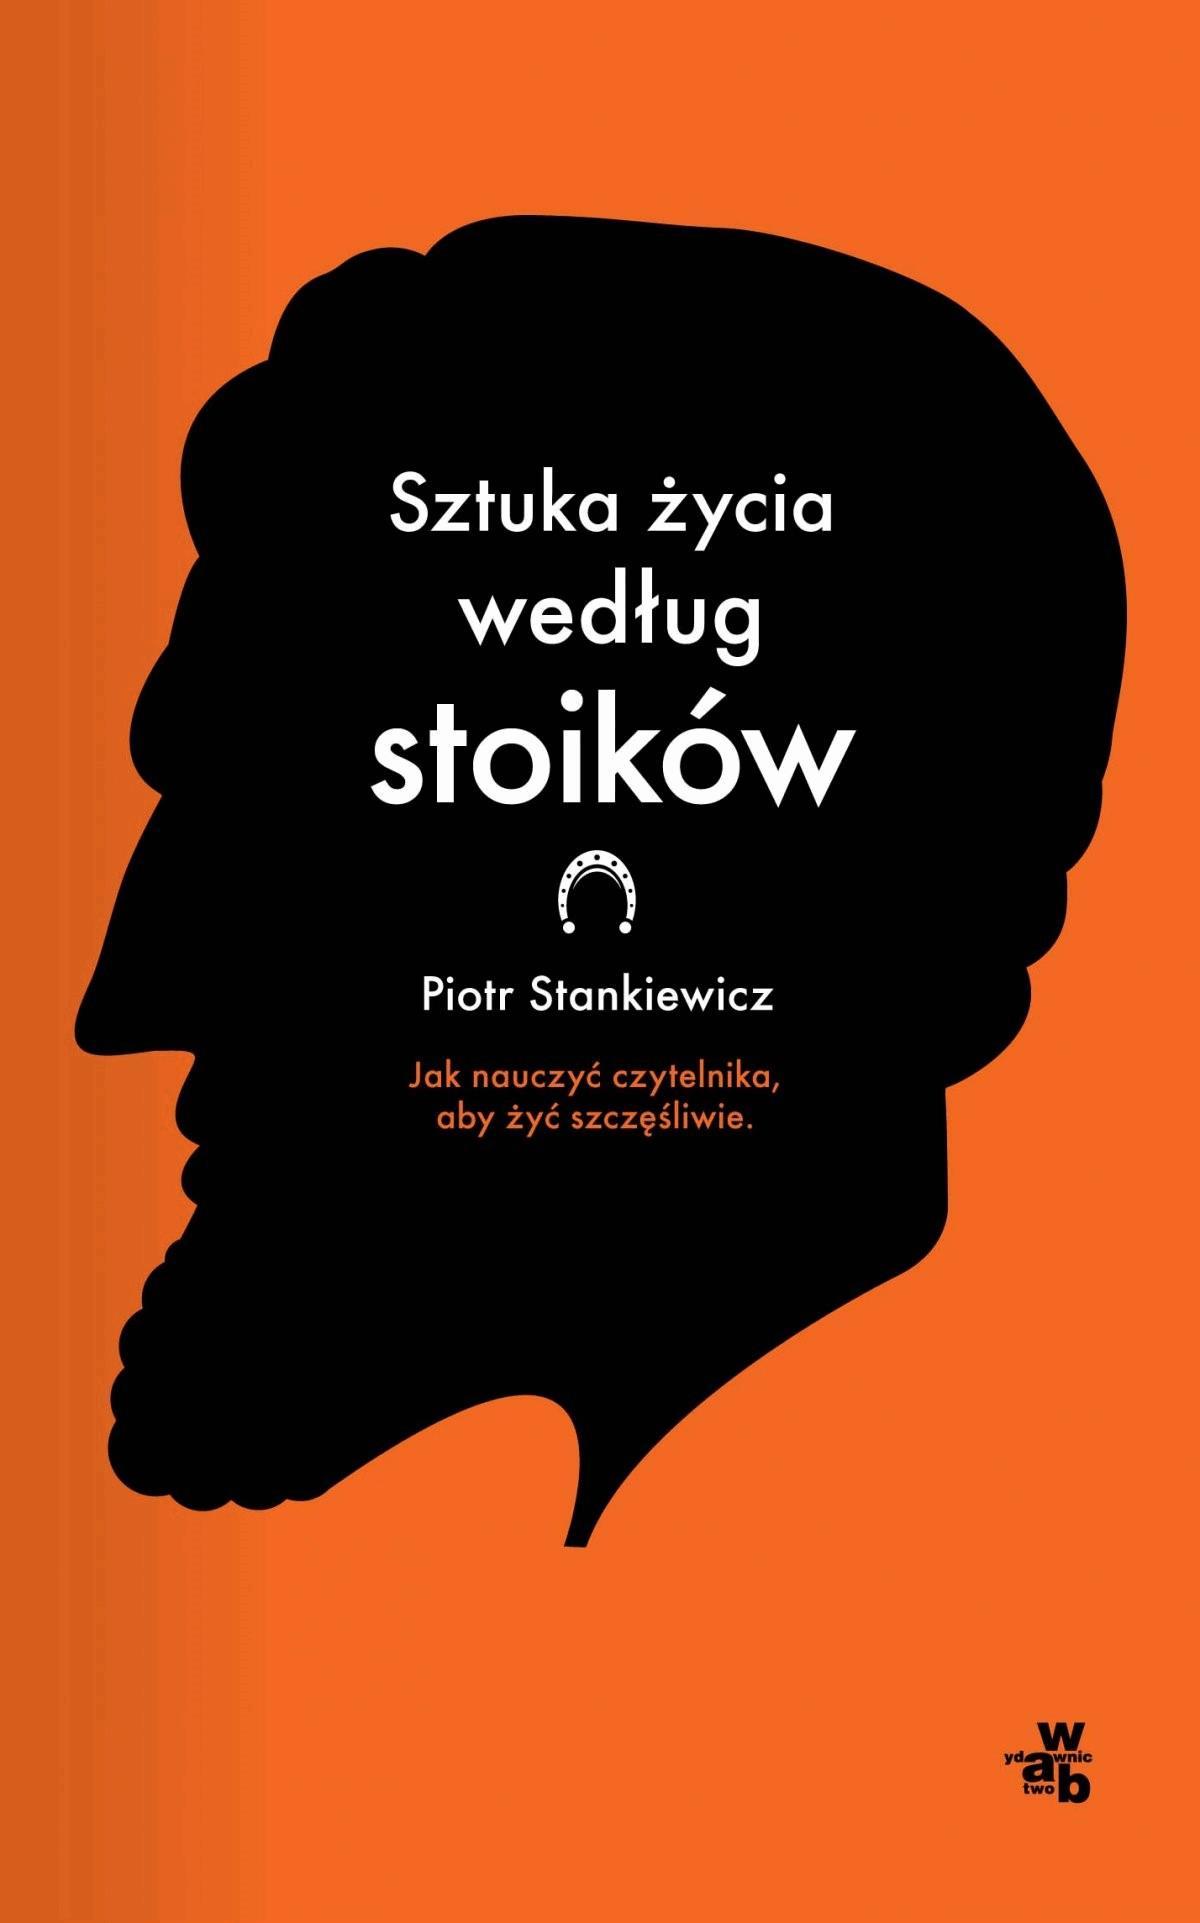 Sztuka życia według stoików - Tylko w Legimi możesz przeczytać ten tytuł przez 7 dni za darmo. - Piotr Stankiewicz